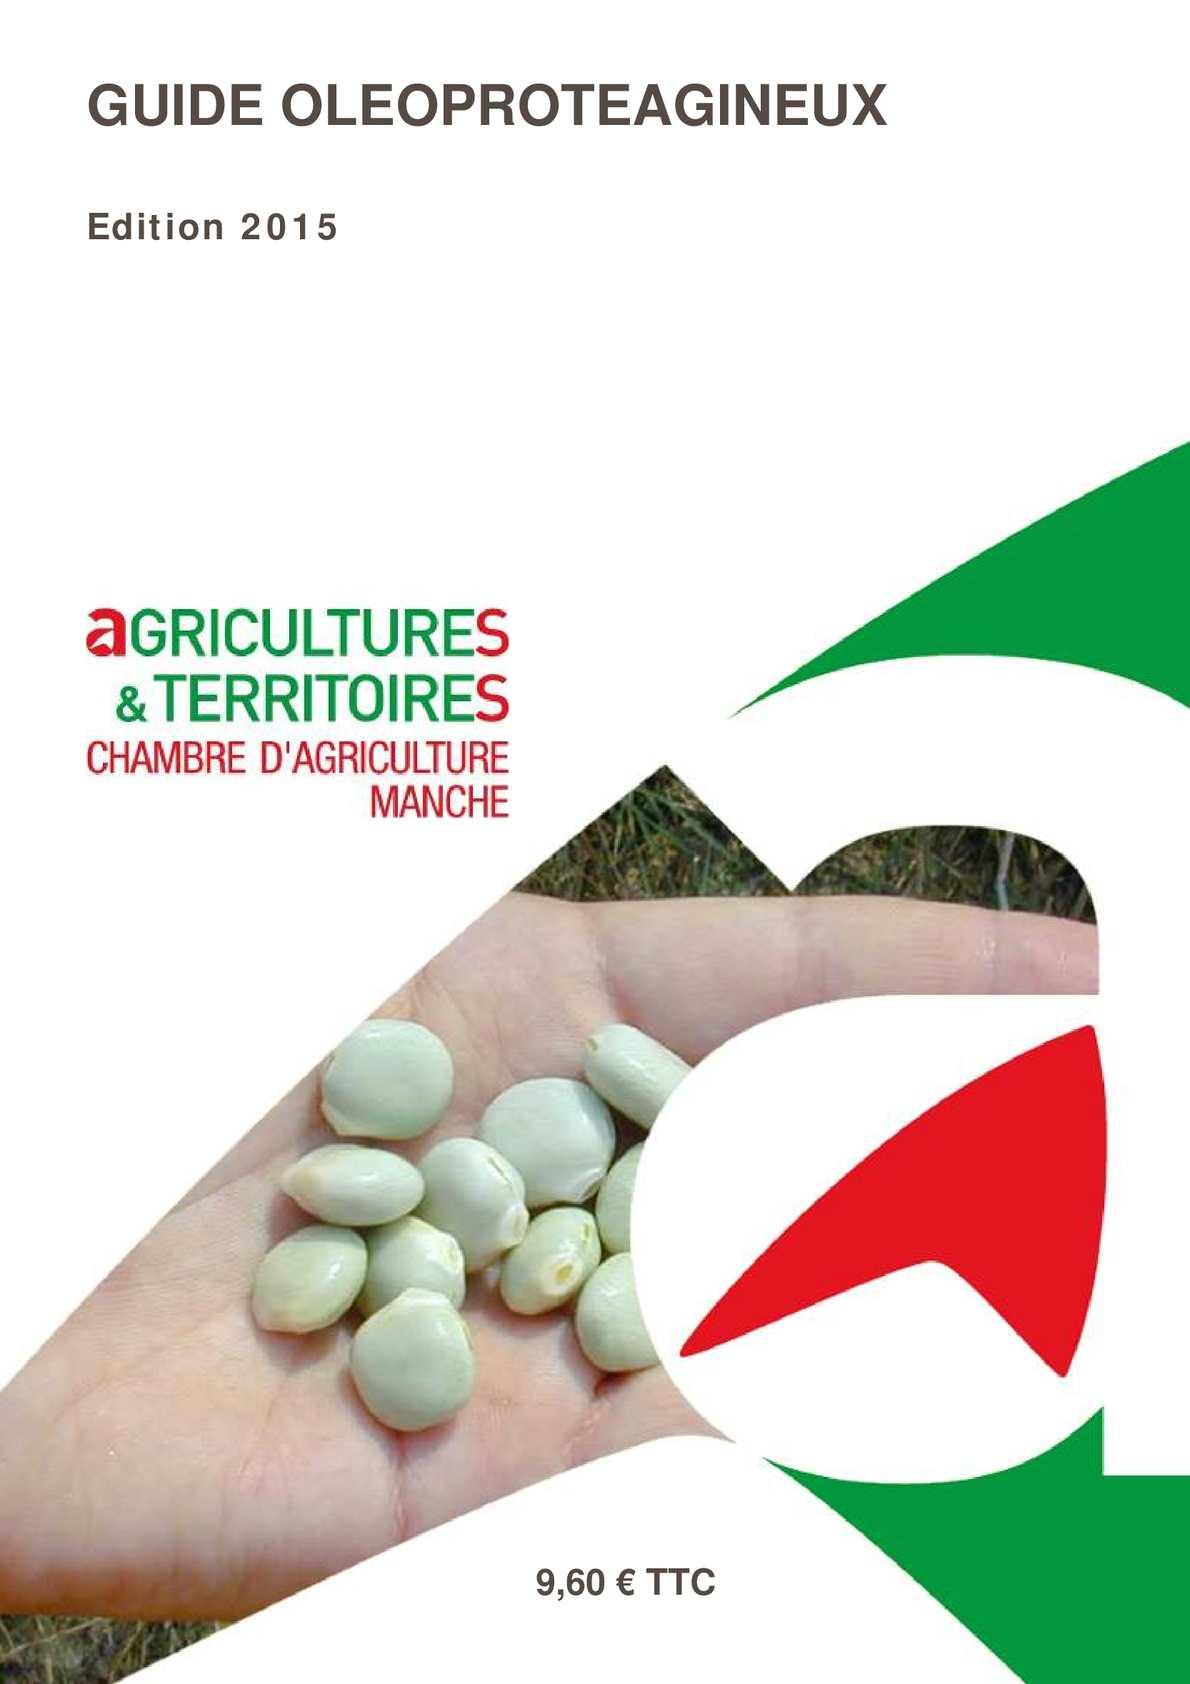 Calam o gde preco colza 2015 gfortino for Chambre agriculture manche